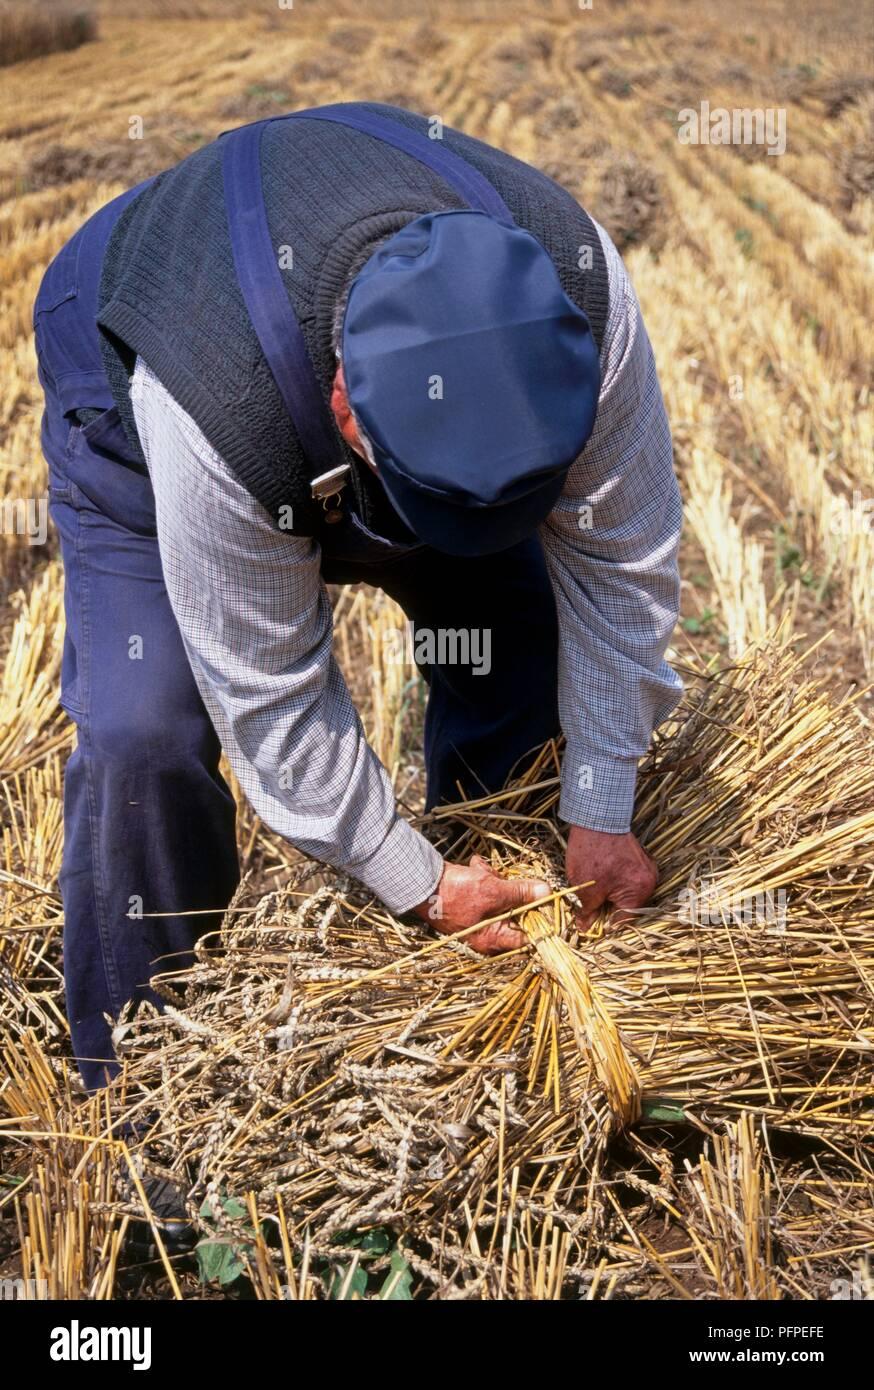 Man tying up bundles of wheat - Stock Image